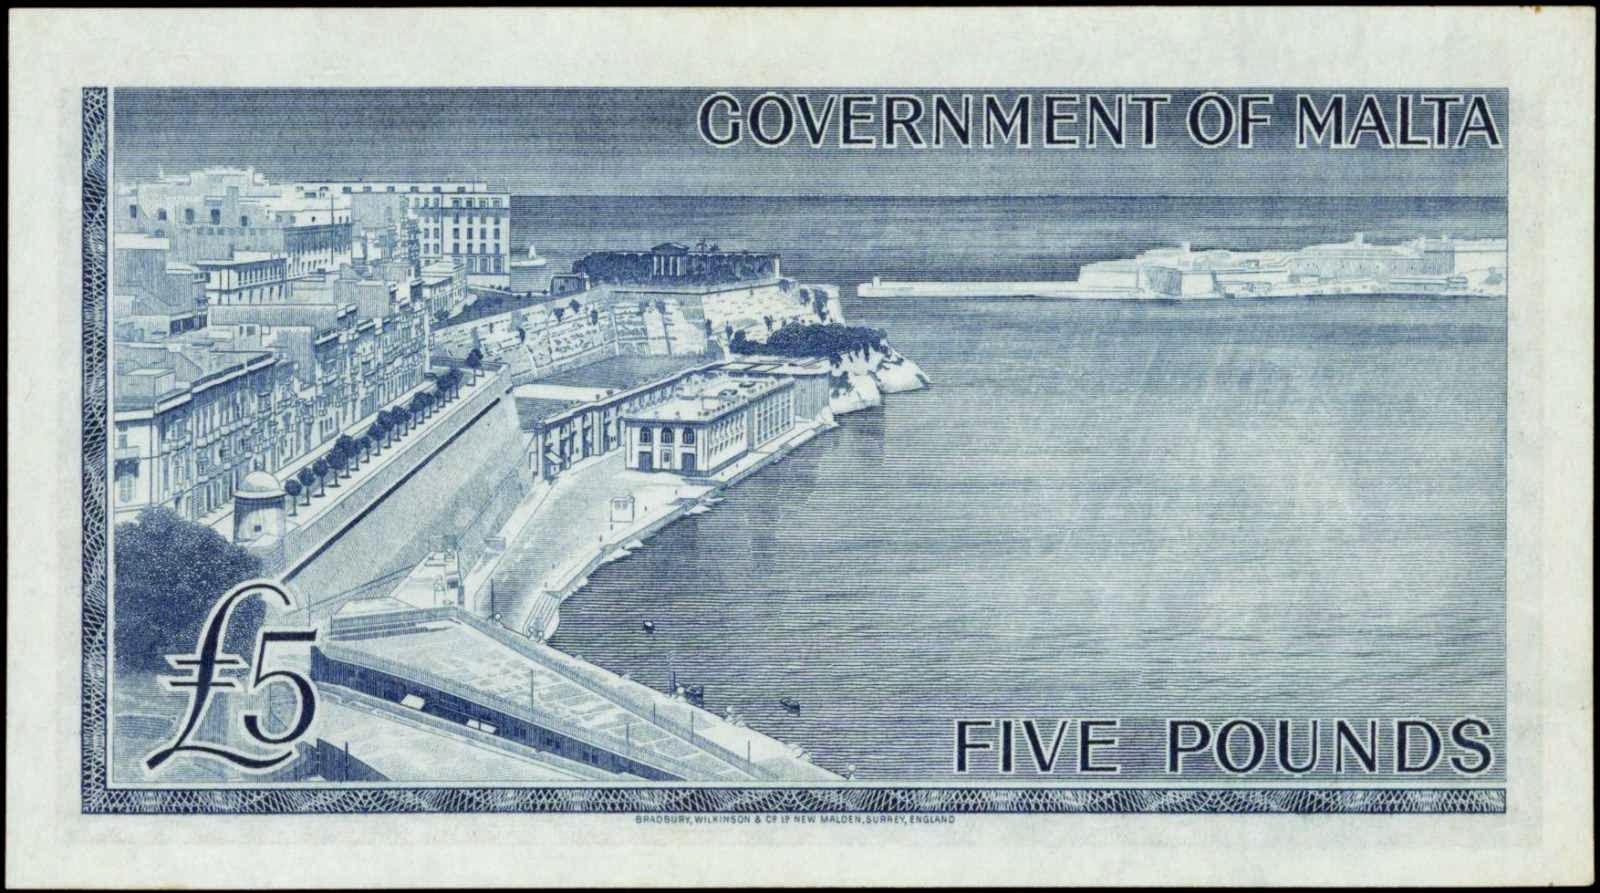 Malta 5 Pounds Banknote Grand Harbour, La Valletta